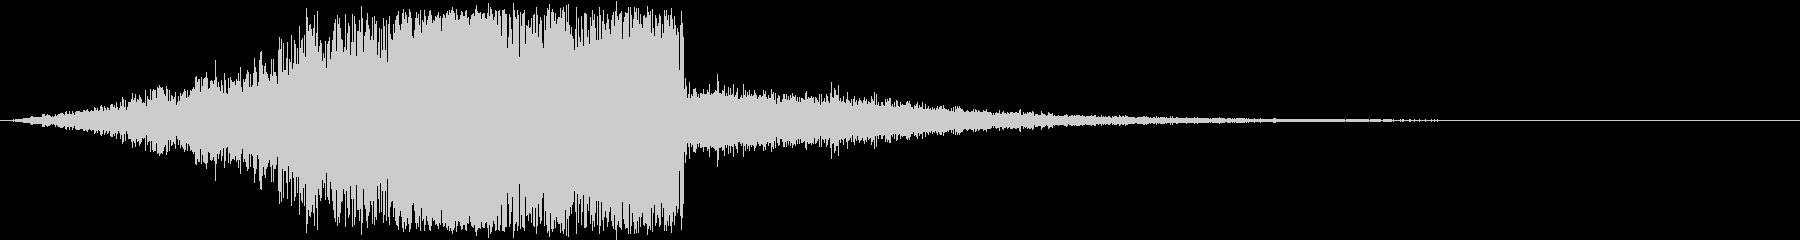 破壊的な効果音(アニメ・ゲーム)の未再生の波形